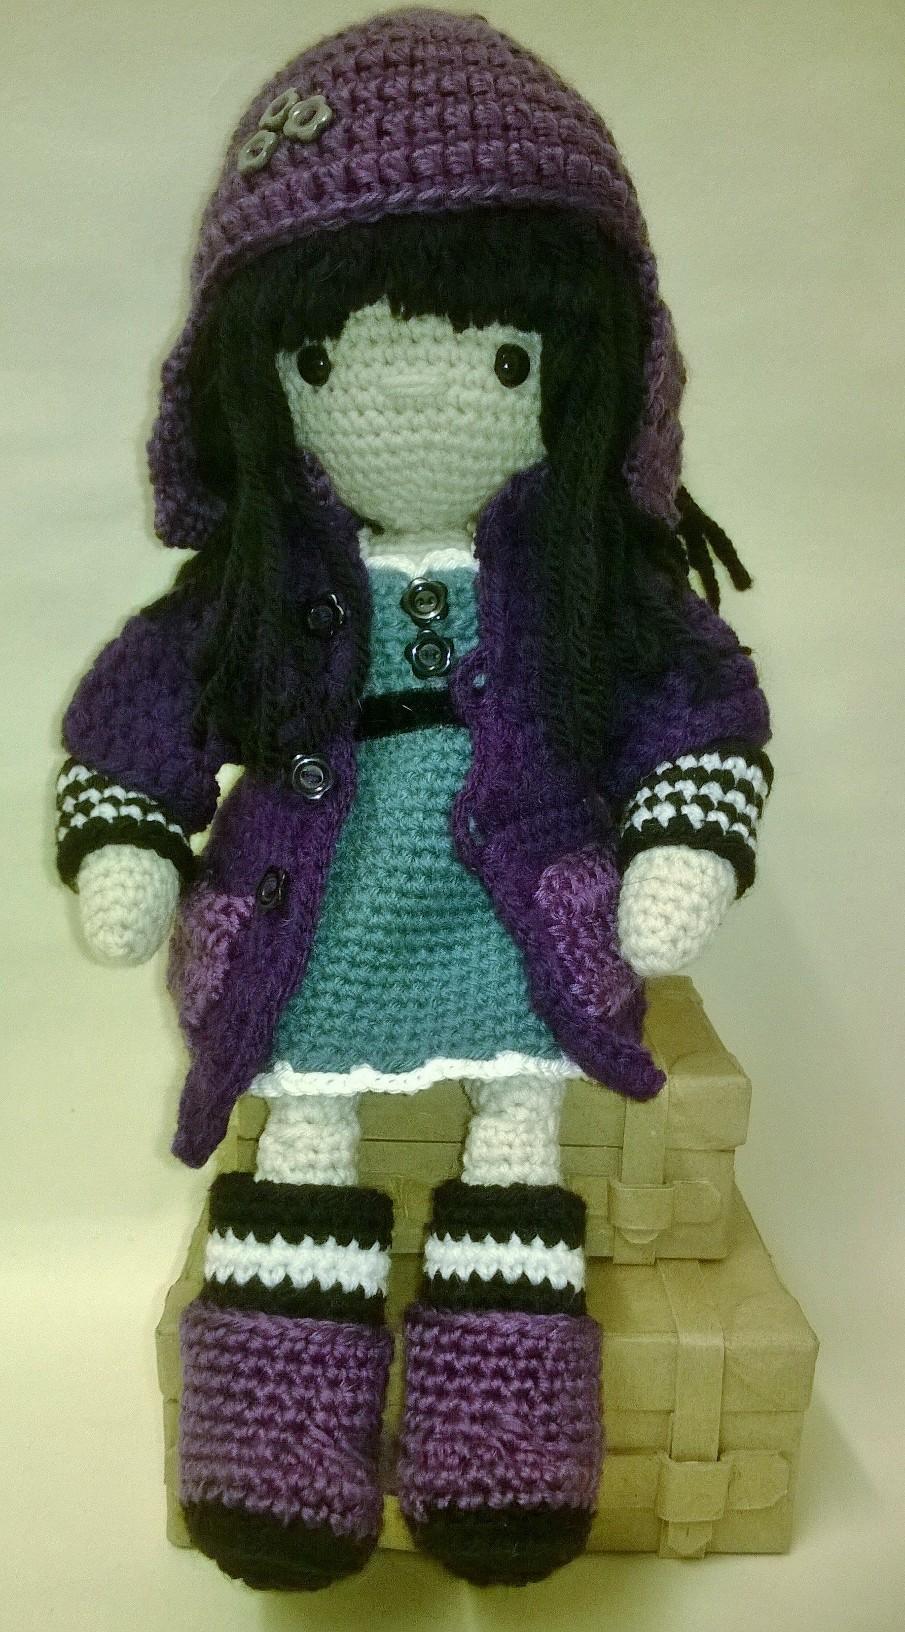 amigurumi #gorjuss ladybird #doll # crochet | cherryl Robinson ... | 1632x905